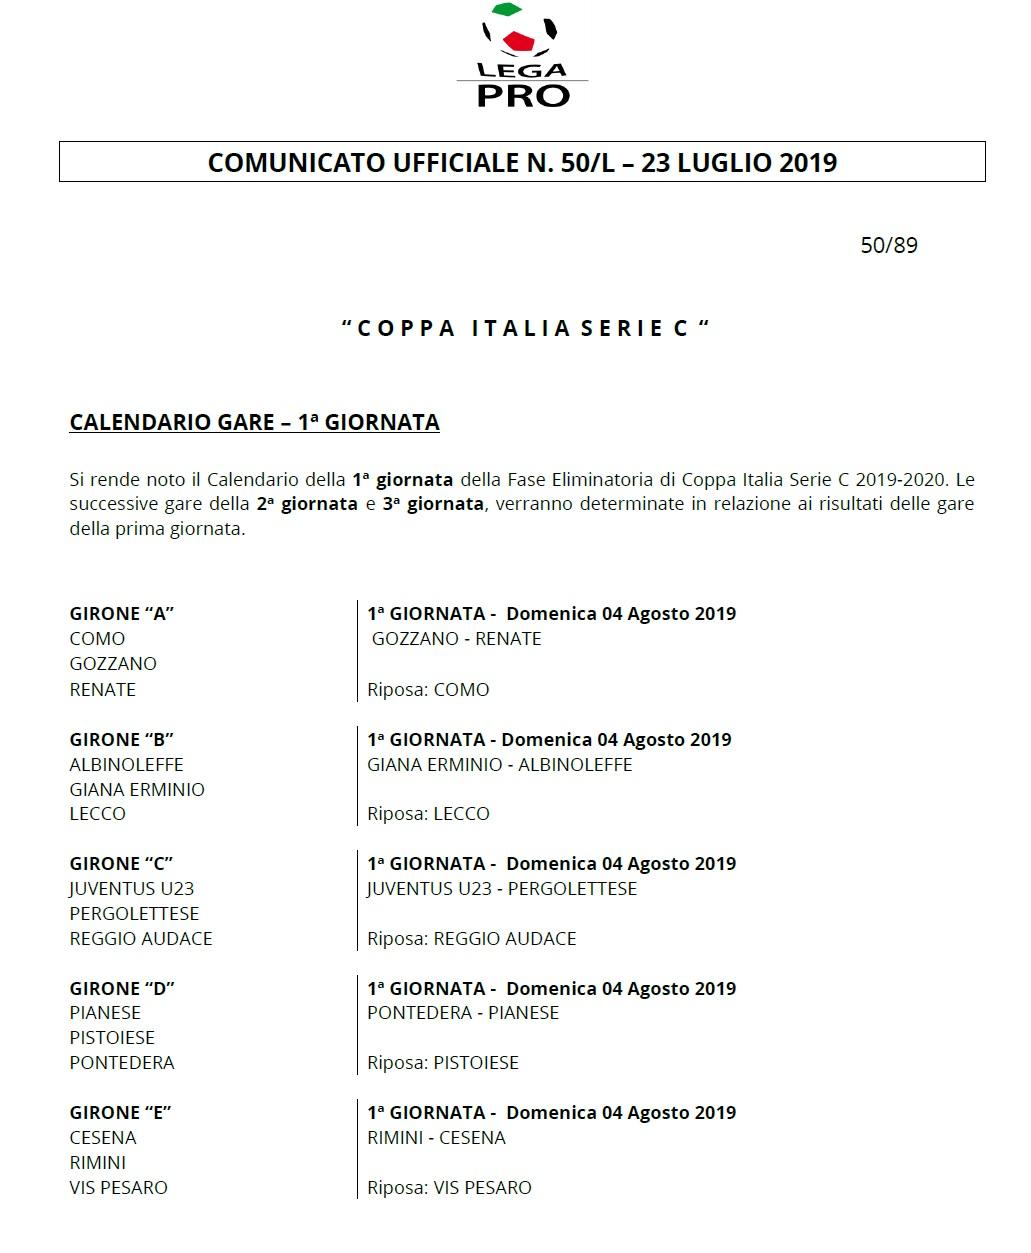 Calendario Coppa Italia Serie C.Calcio Lecco 1912 Sara L 11 Agosto L Esordio In Coppa